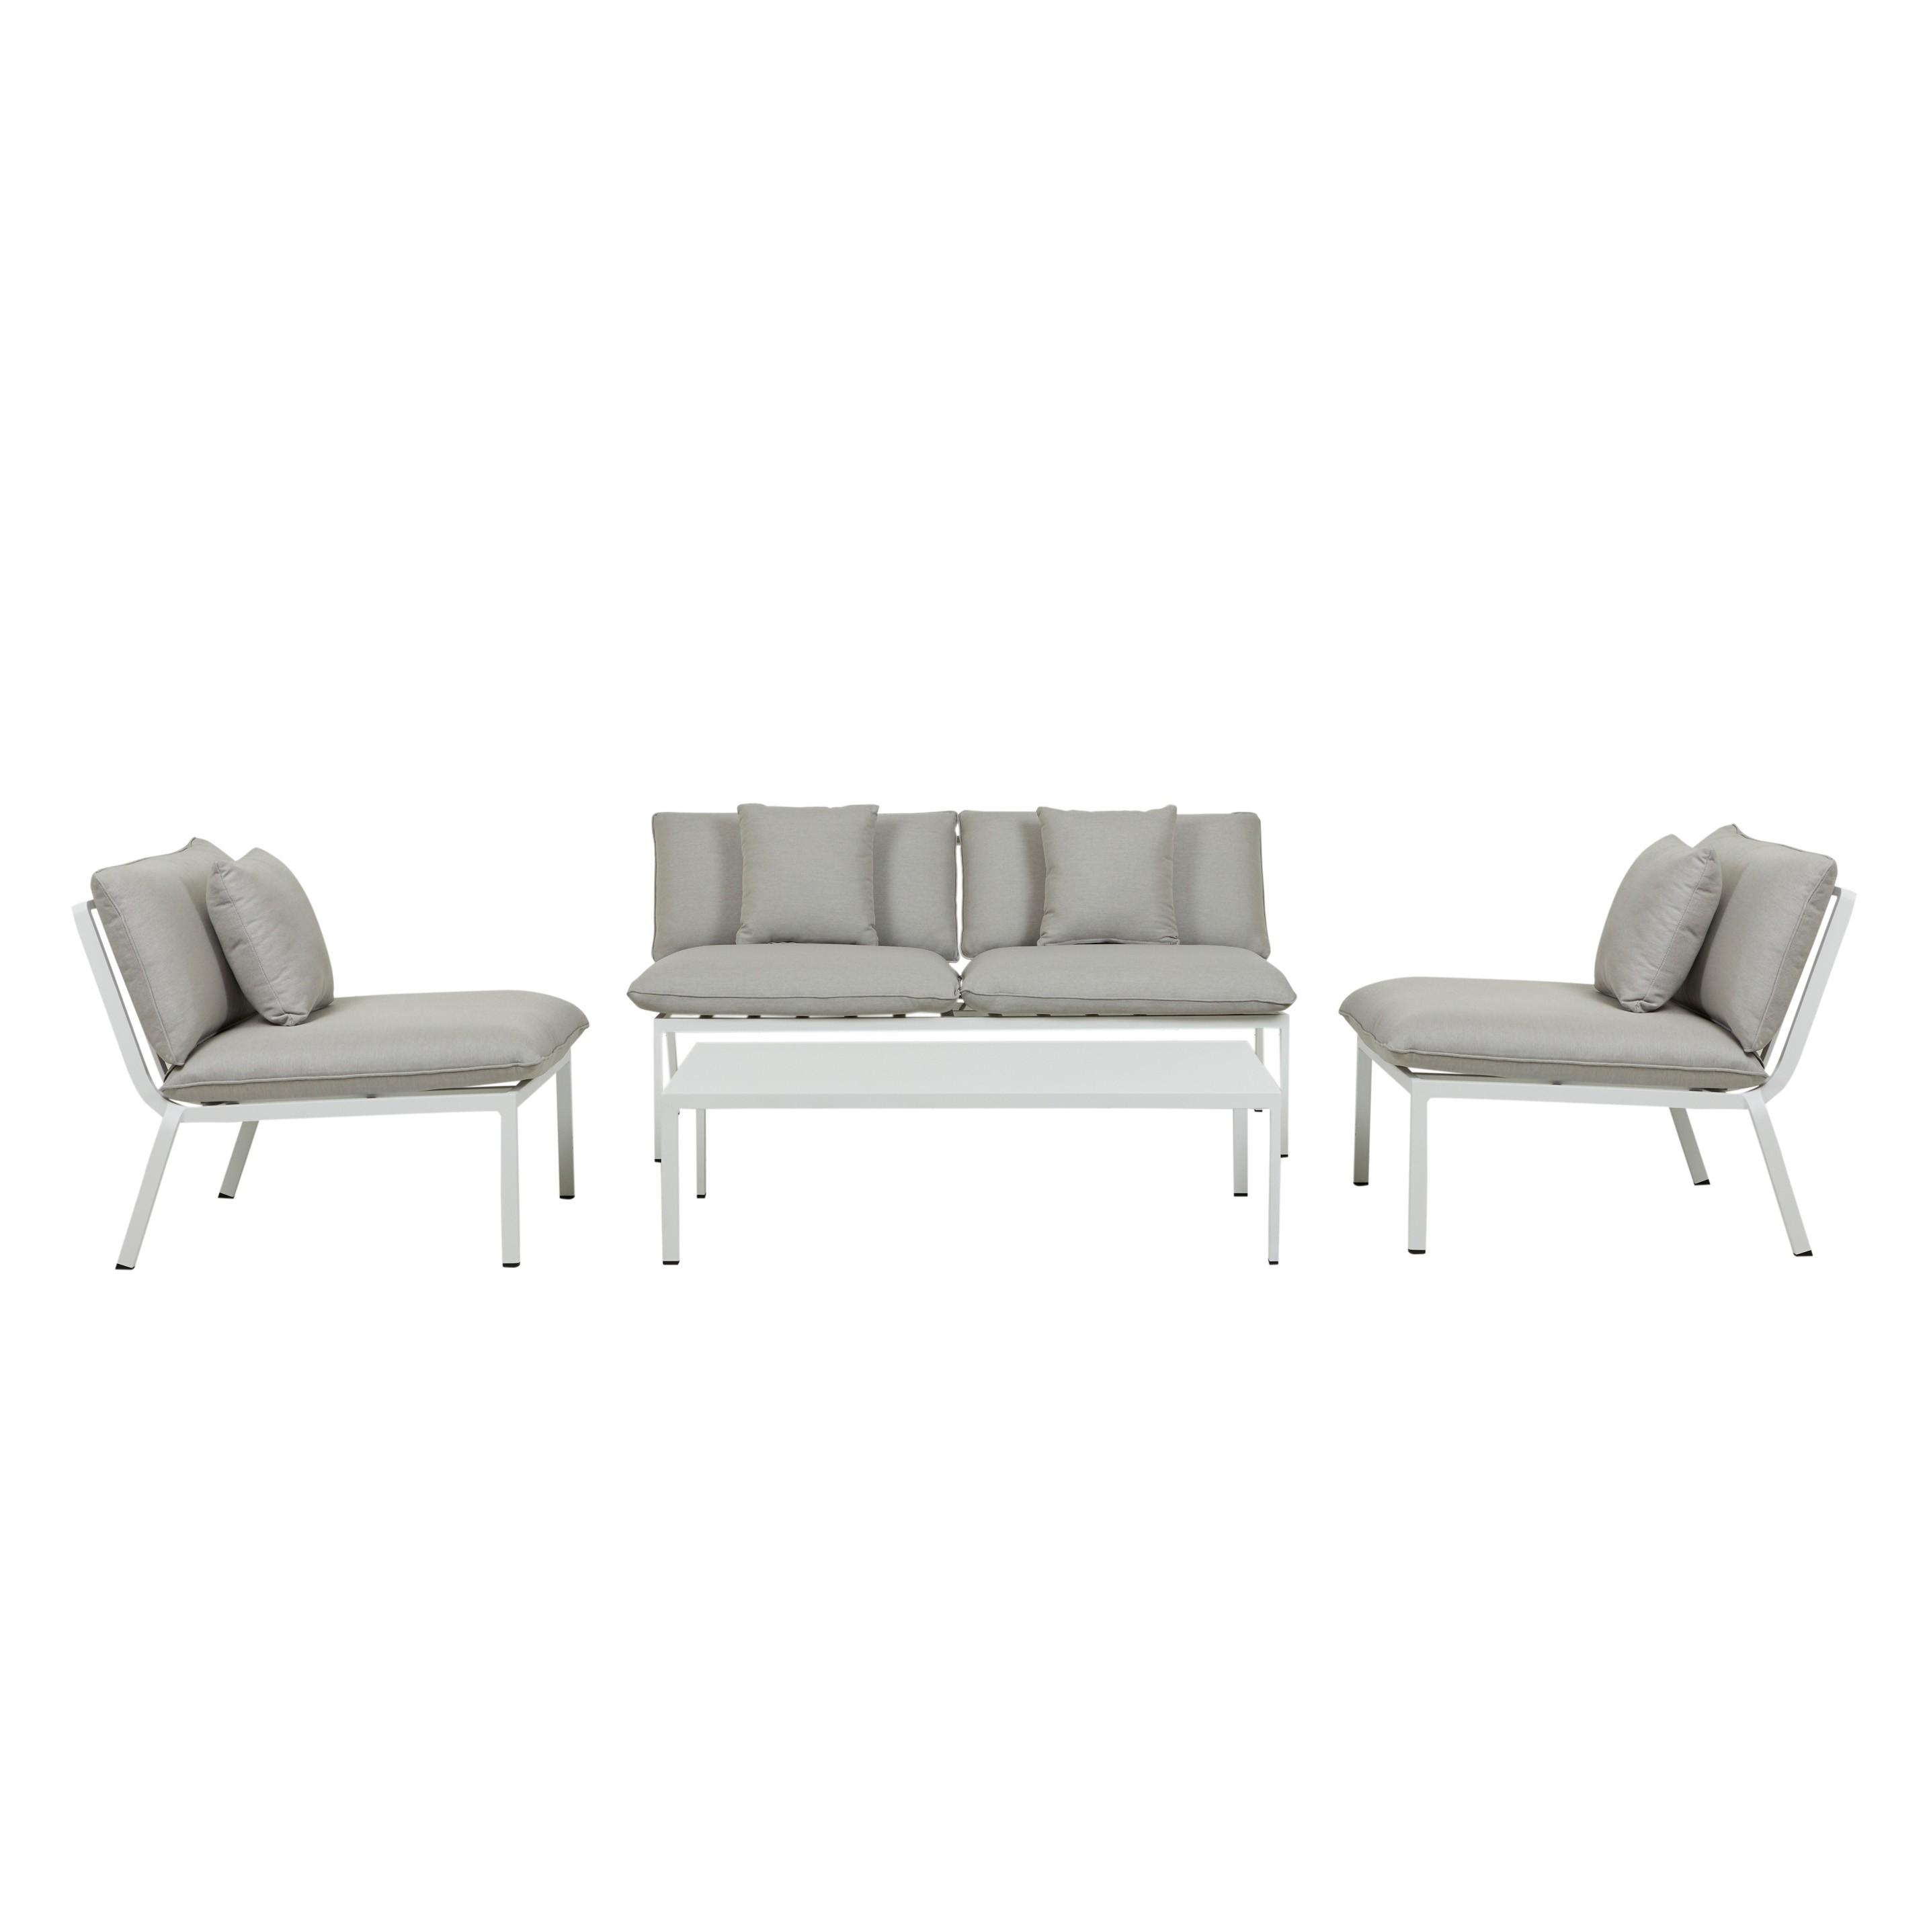 Furniture Hero-Images Sofas pier-lounge-sofa-set-02